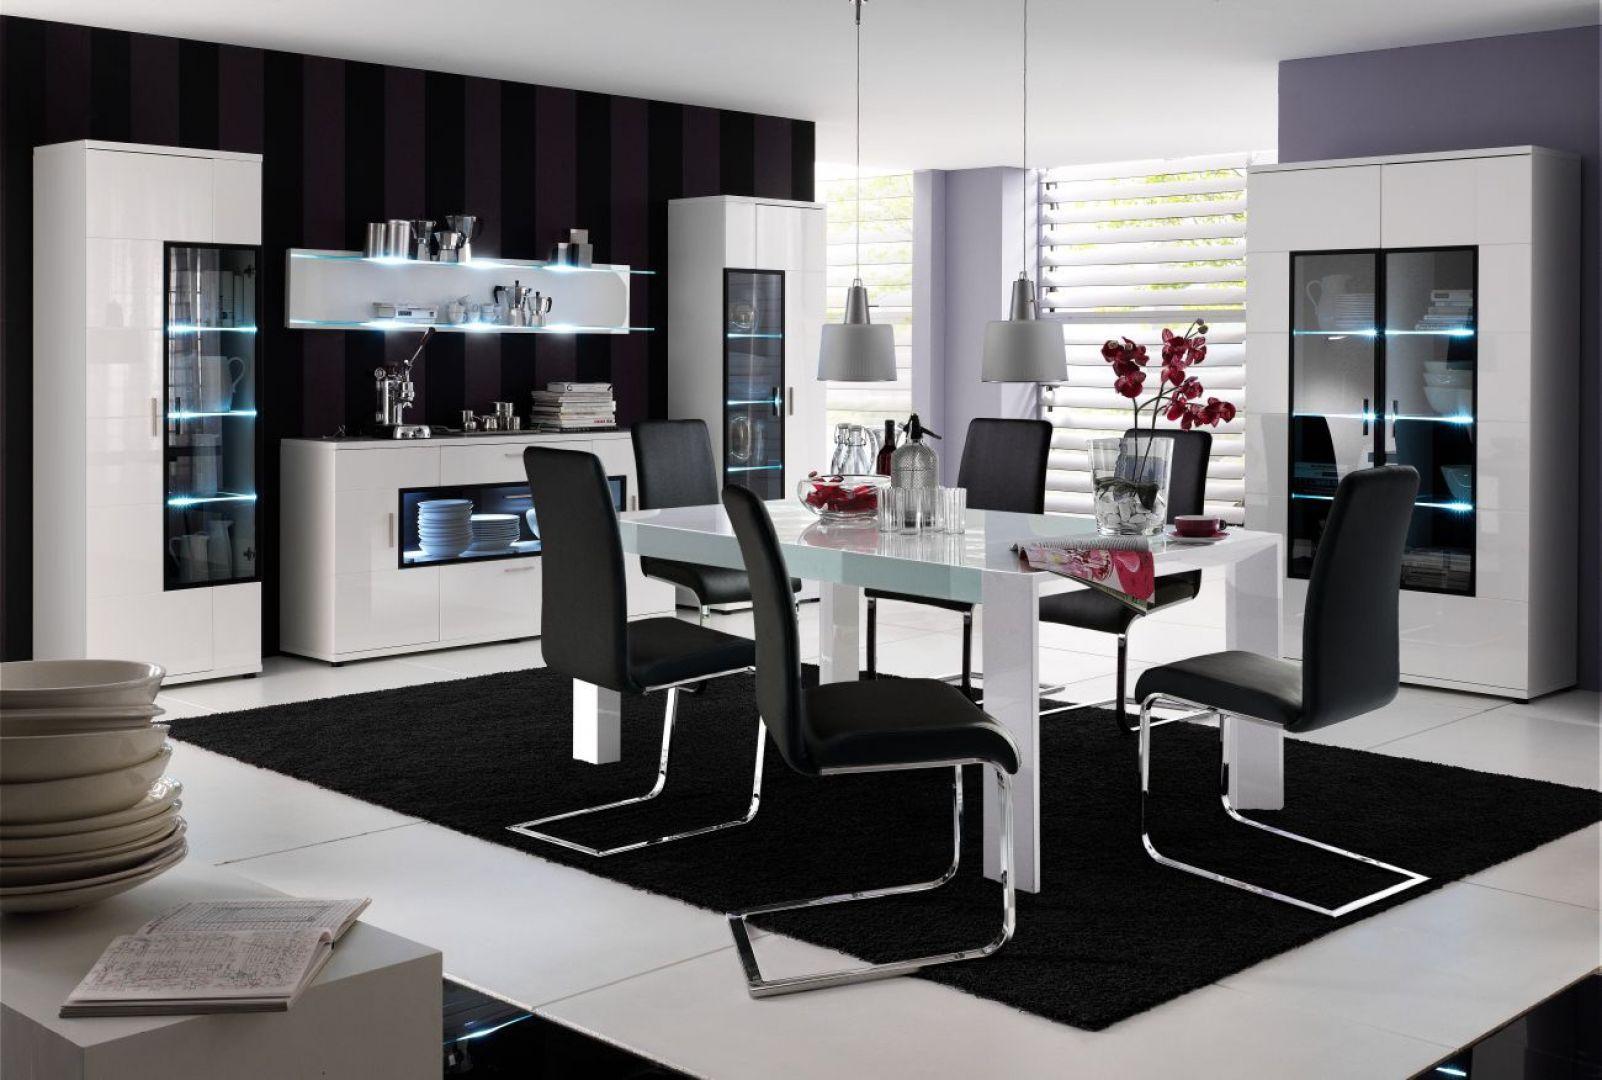 Jadalnia Corano marki Bydgoskie Meble to z pewnością bardzo nowoczesne spojrzenie na wnętrze. Do białego stołu dopasowano krzesła na metalowych płozach i w kontrastującym, czarnym obiciu. Cena stołu: około 2679 zł. Fot. Bydgoskie Meble